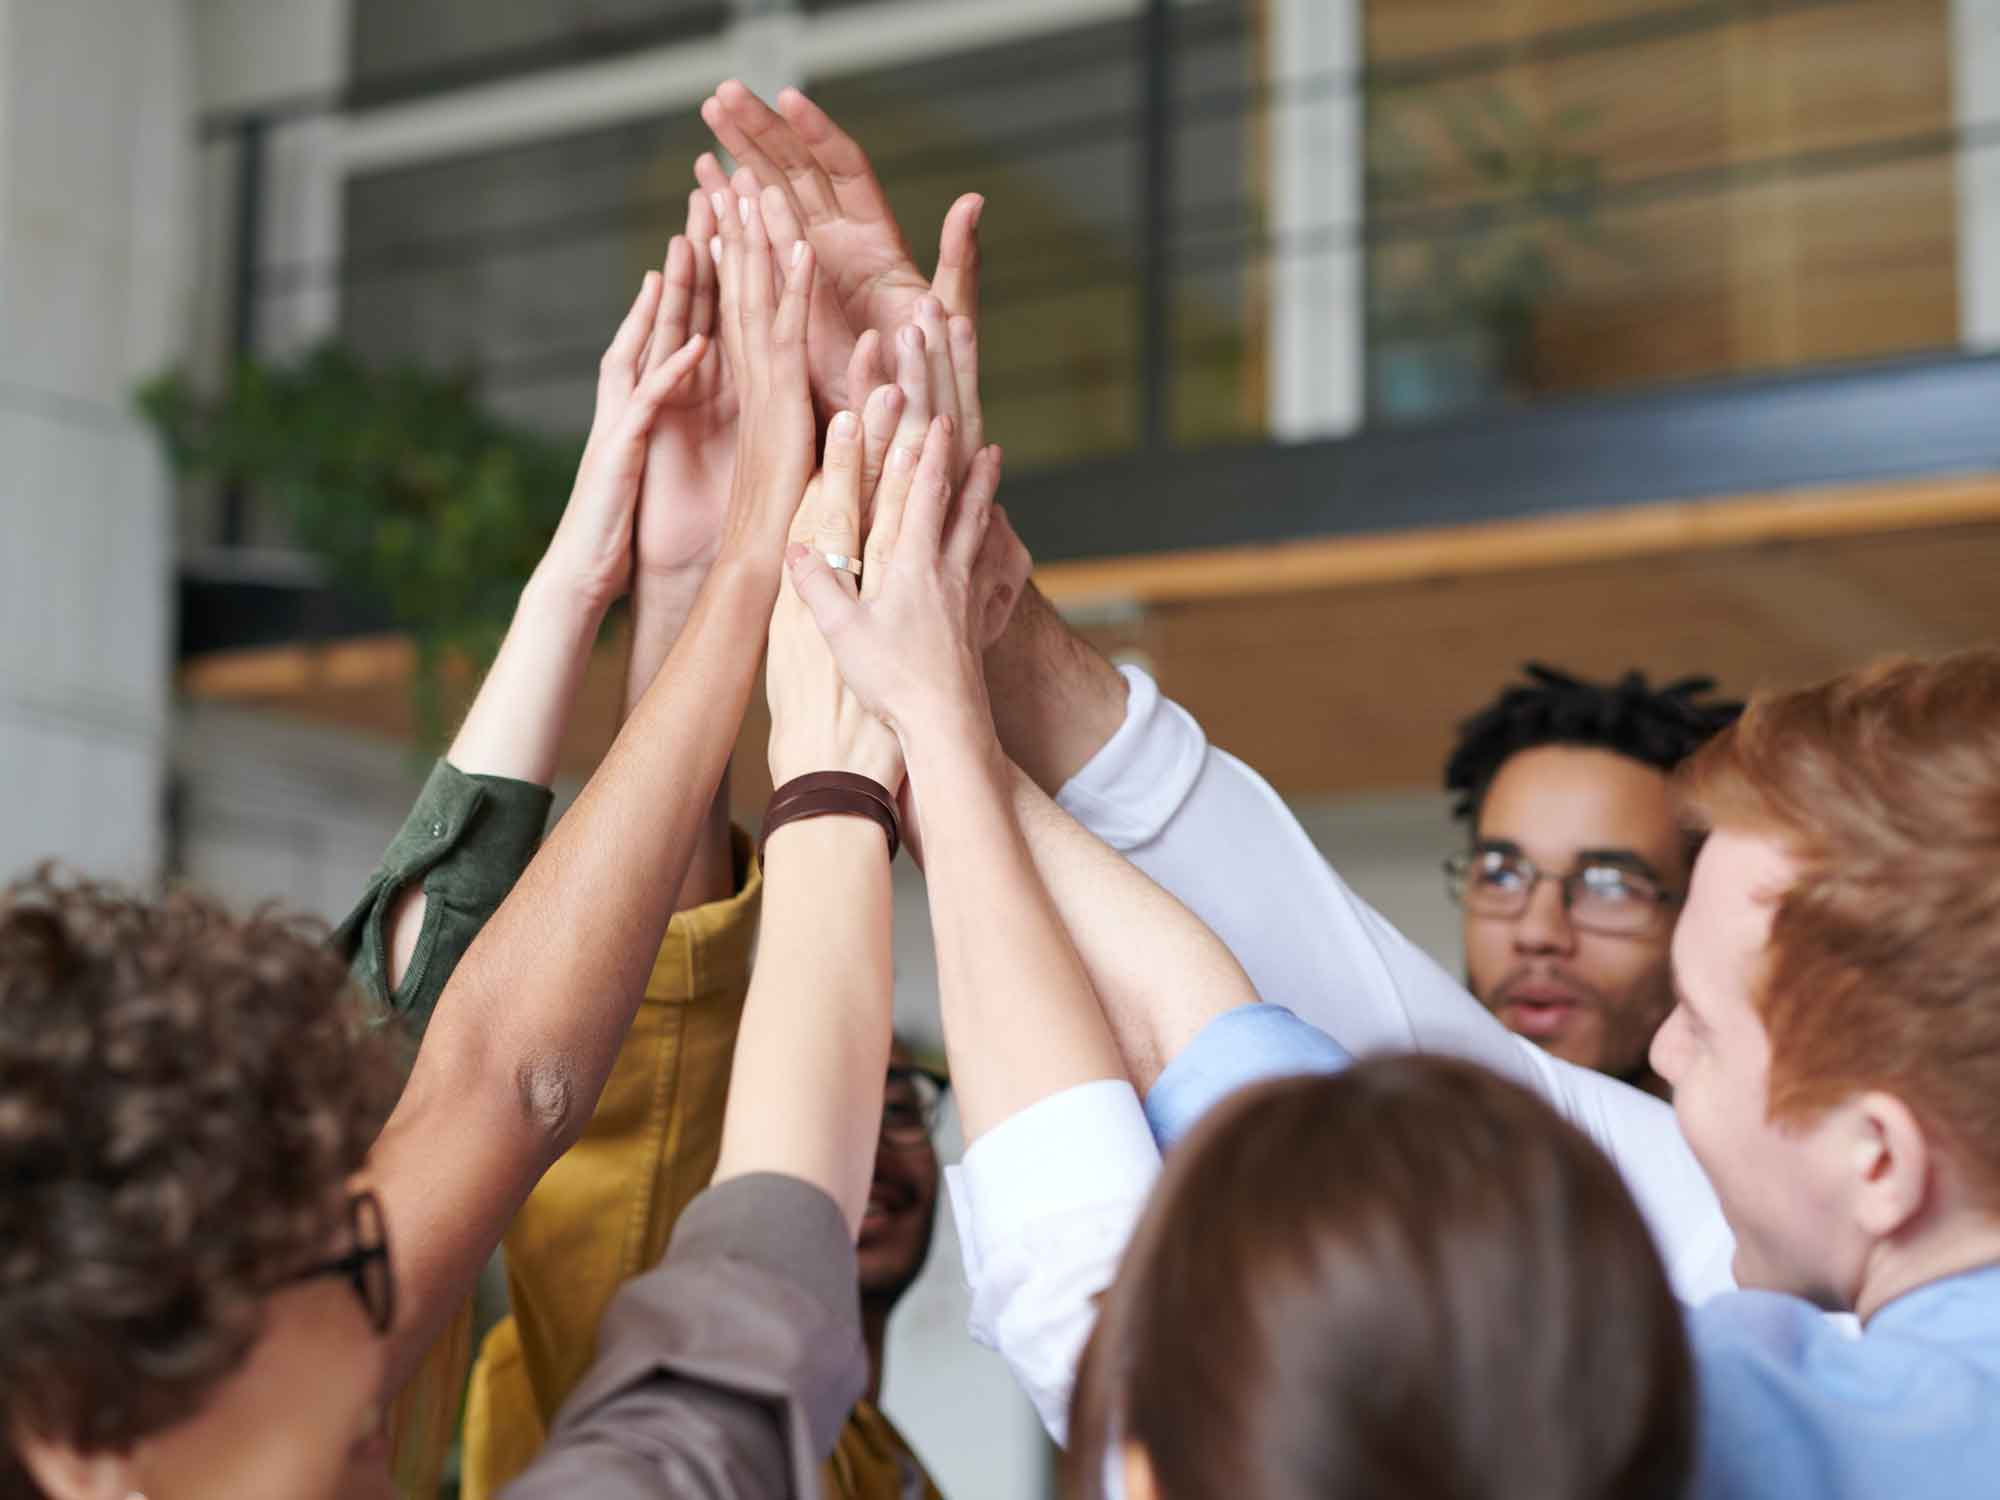 teamwork_arbeitstrend_wichtig_Gruppe_klatscht_hände_in_der_mitte_zusammen